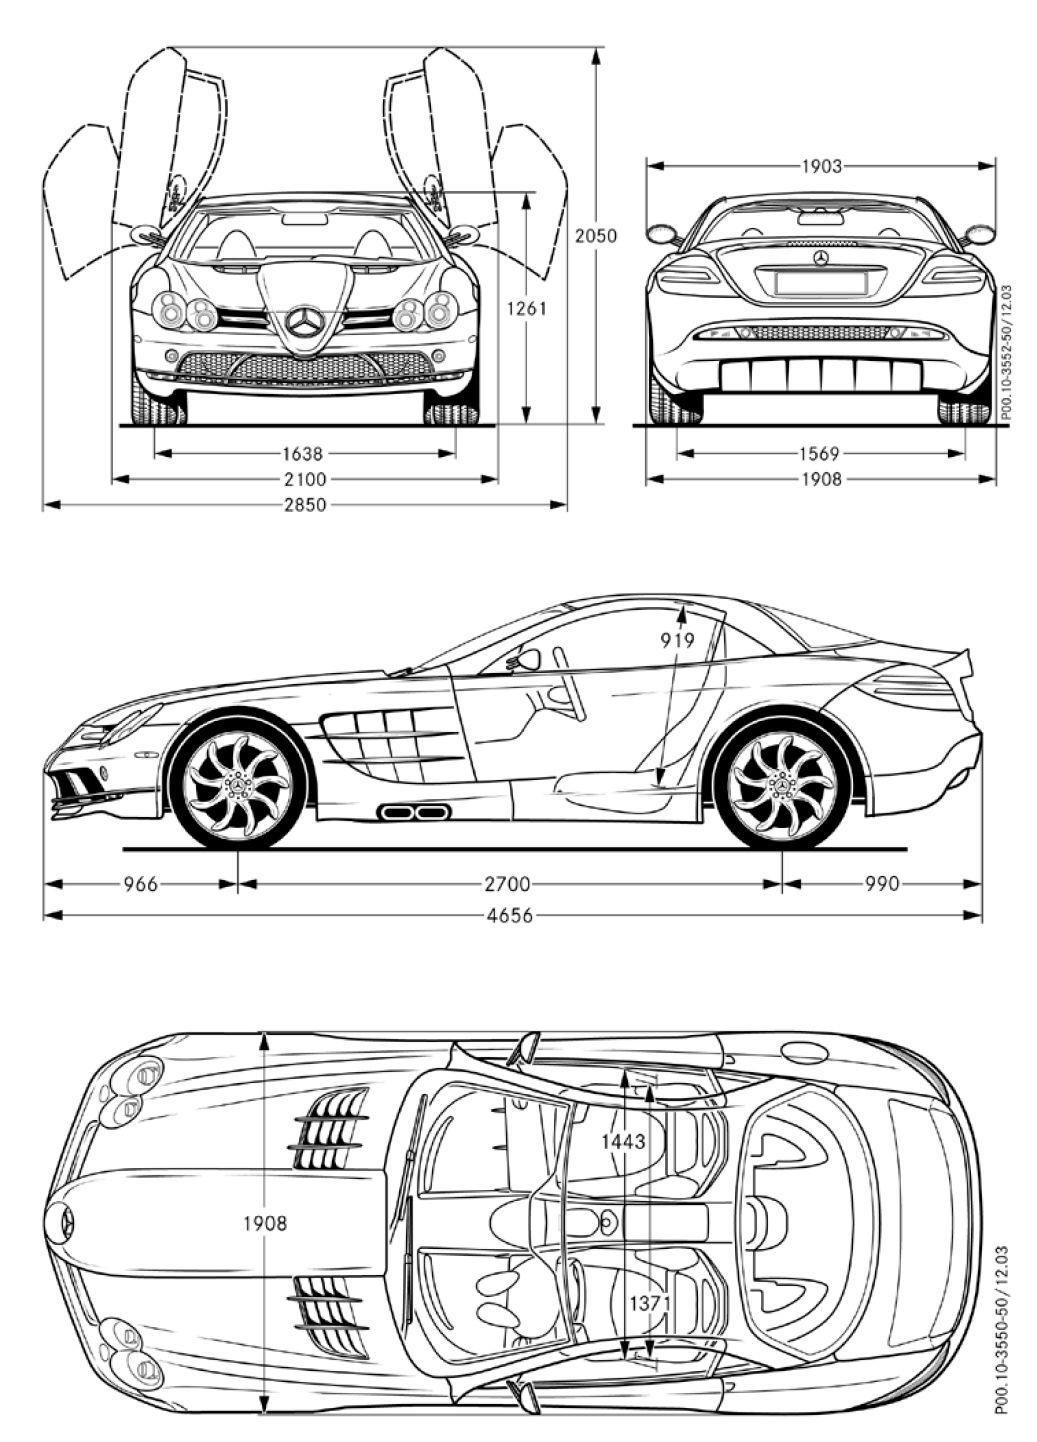 Mercedes SLR | Design In Motion | Pinterest | Mercedes slr, Cars and ...